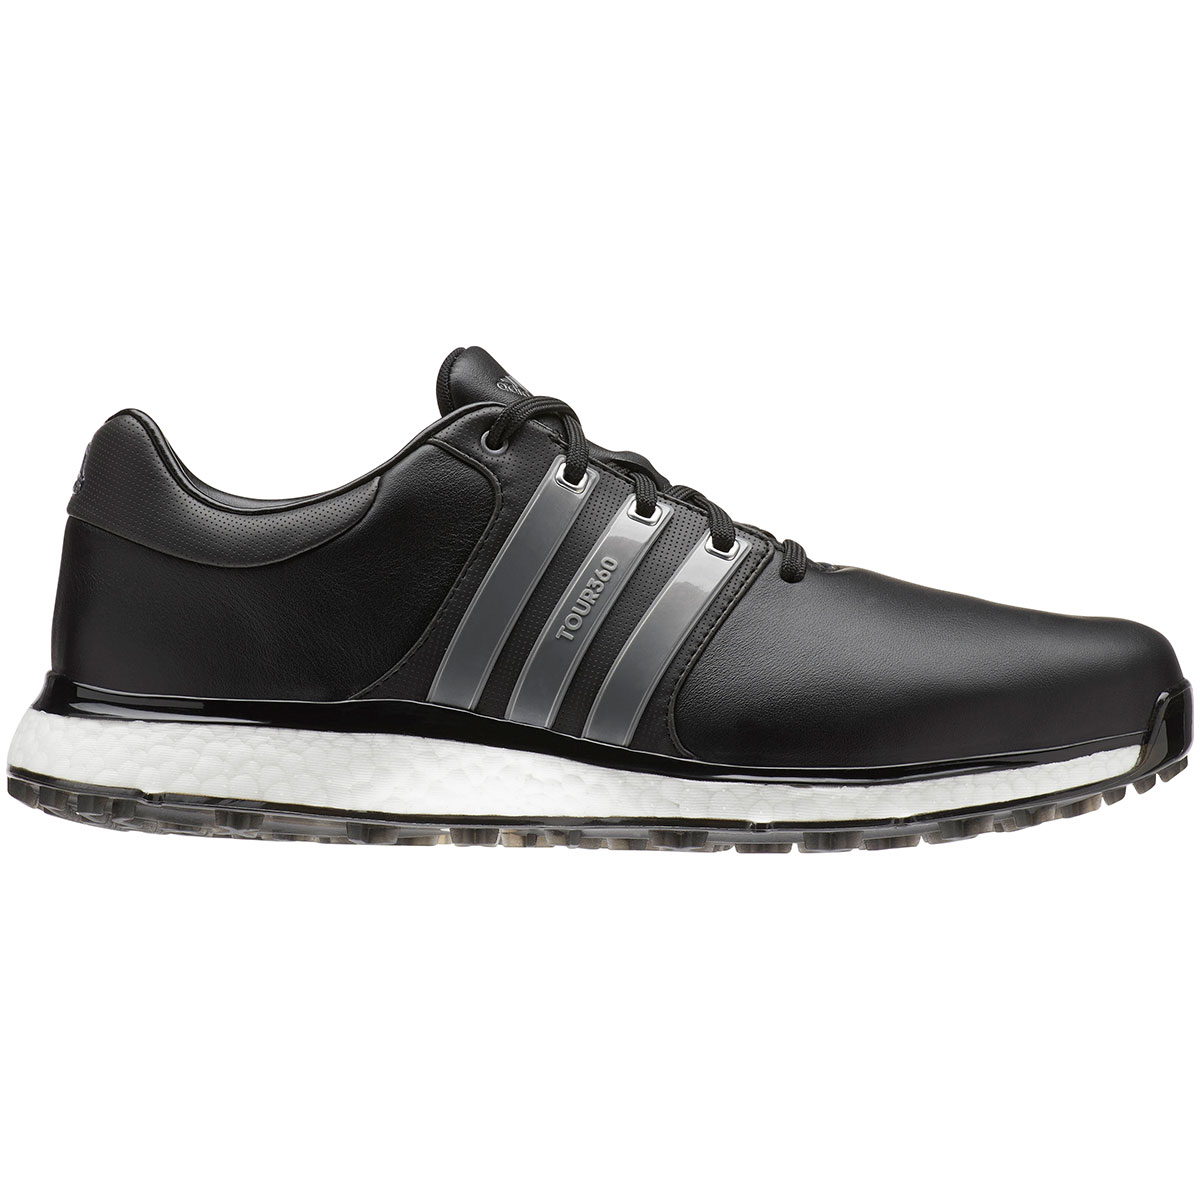 Adidas Tour360 XT Spikeless Black Golf Shoe